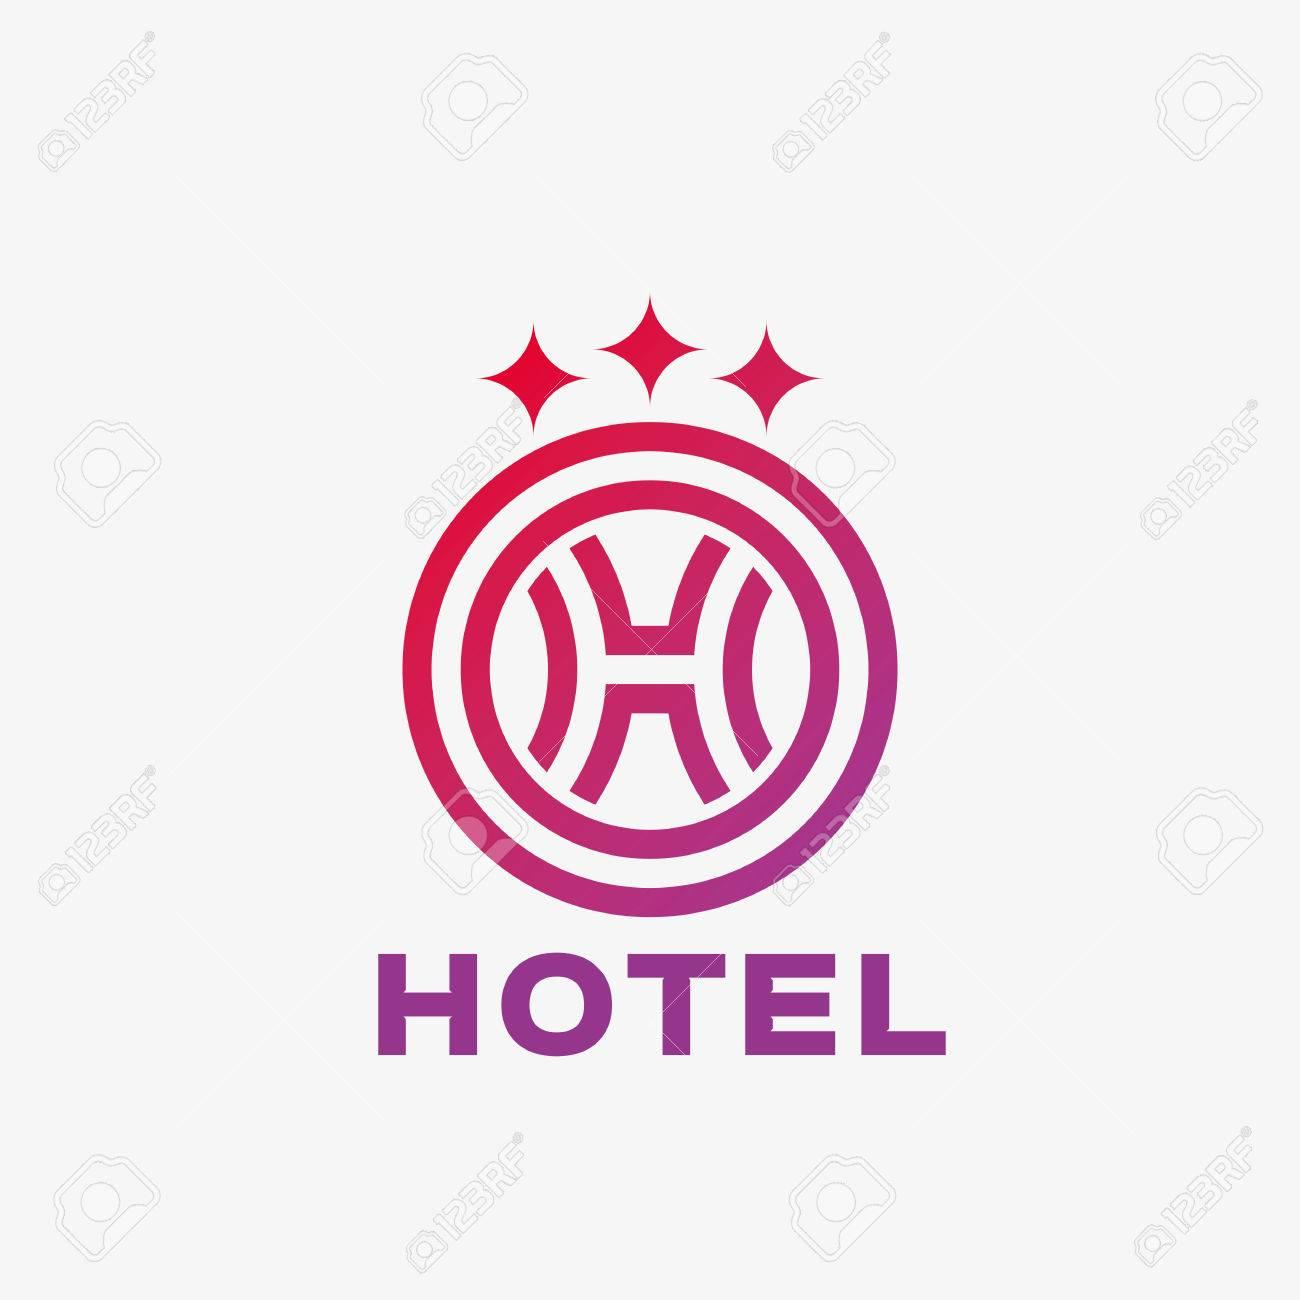 Logo De La Lettre Abstrait H Modèle De Conception Abstraite Du Logo Professionnel Modèle De Logo Modifiable Pour Votre Entreprise